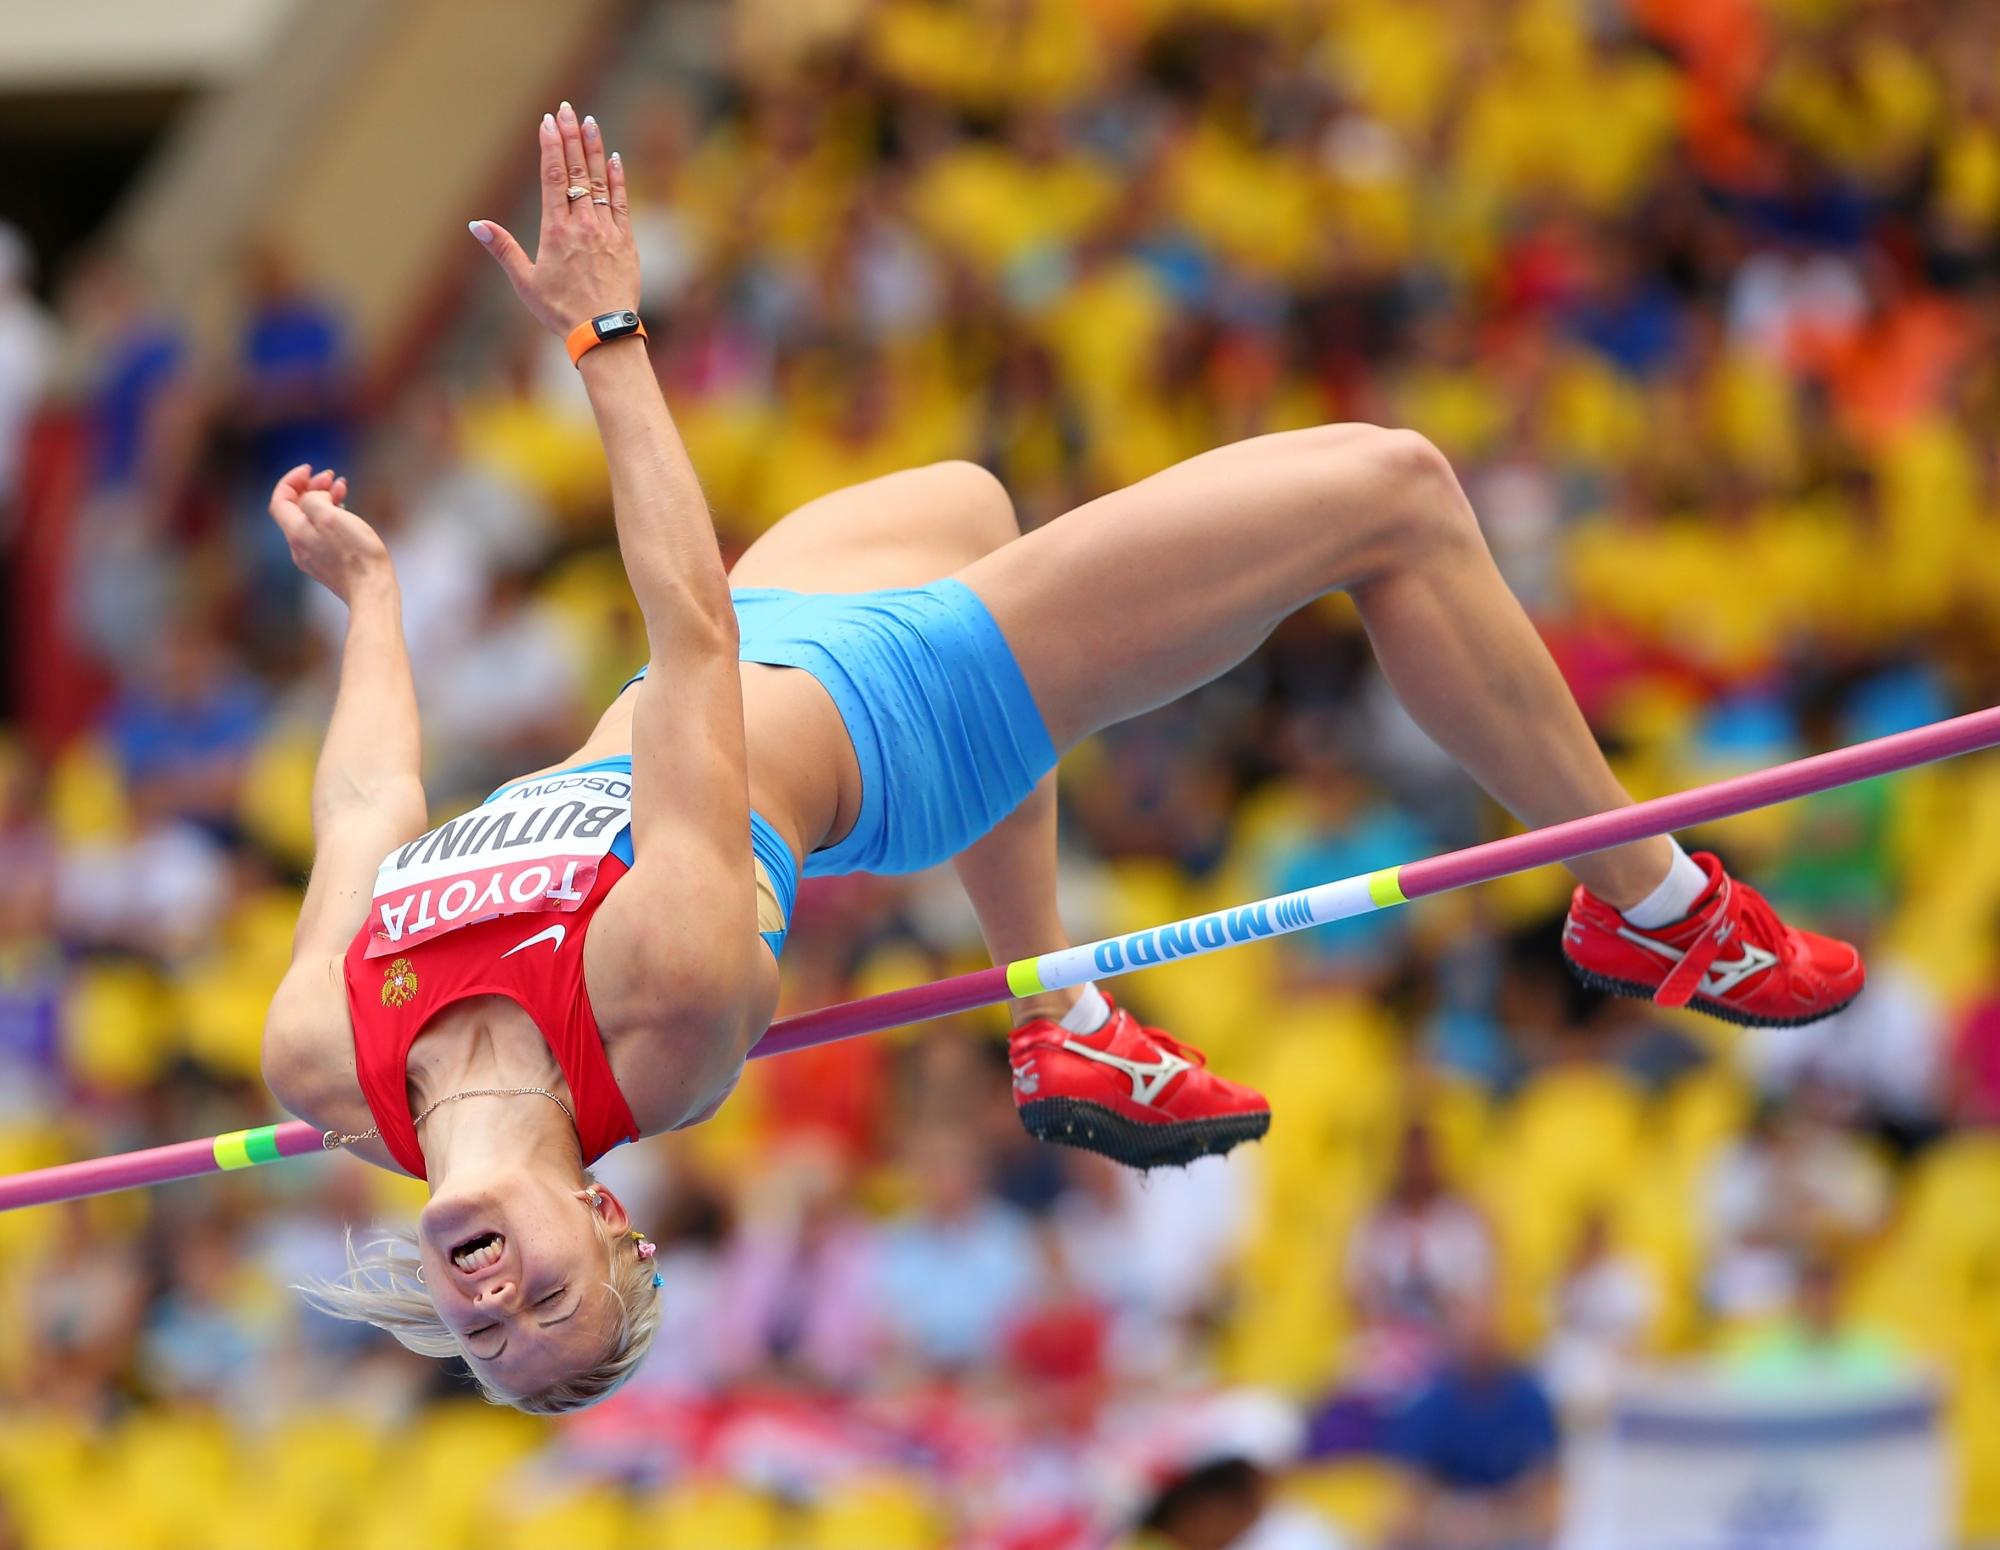 праздник фото прыжки в высоту красивые компании